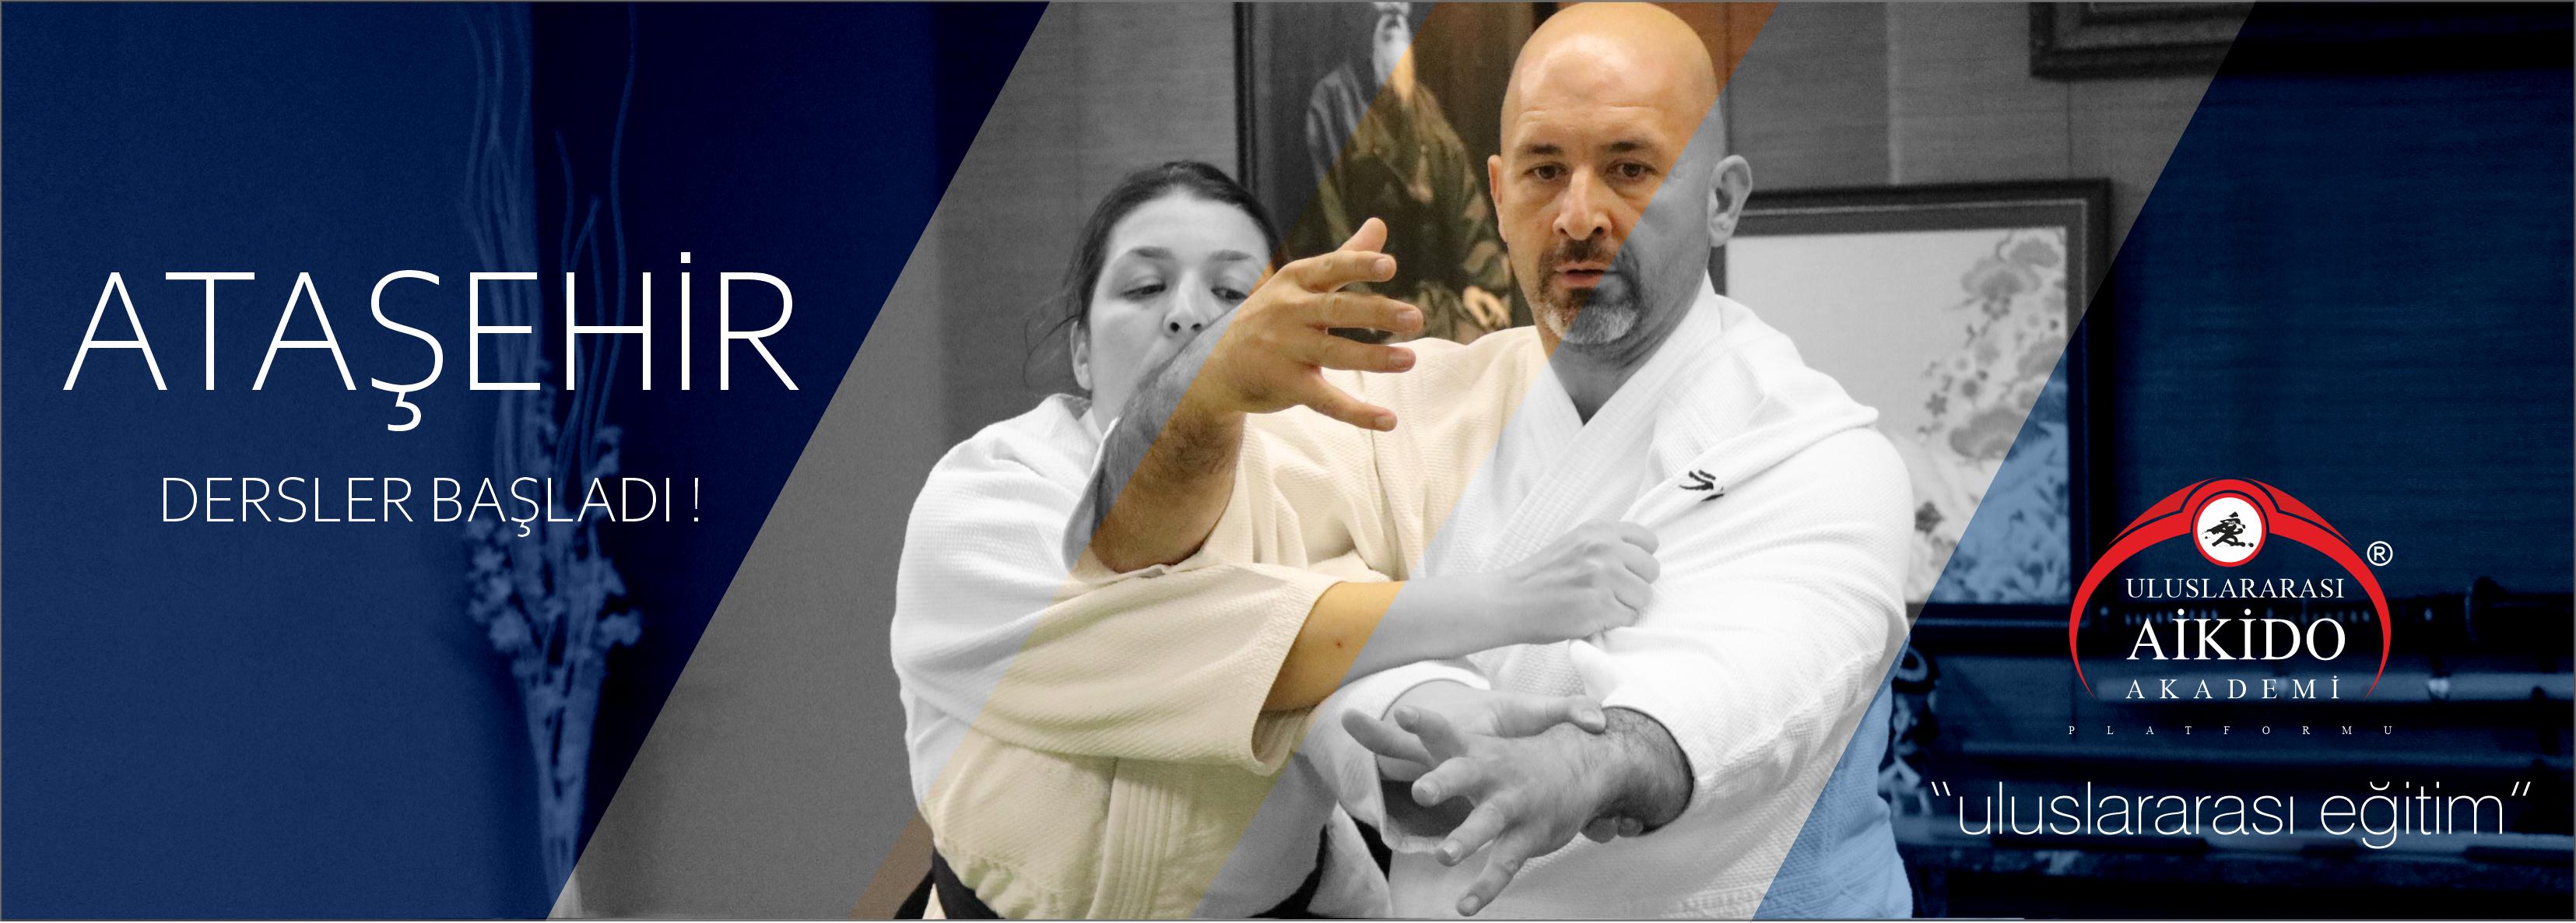 aikido, istanbulaikido, aikidoistanbul, çocuk eğitimi, çocukların dünyasi, eğitim, disiplin, okul öncesi, savunma sanatı, kendini koruma, ataşehir